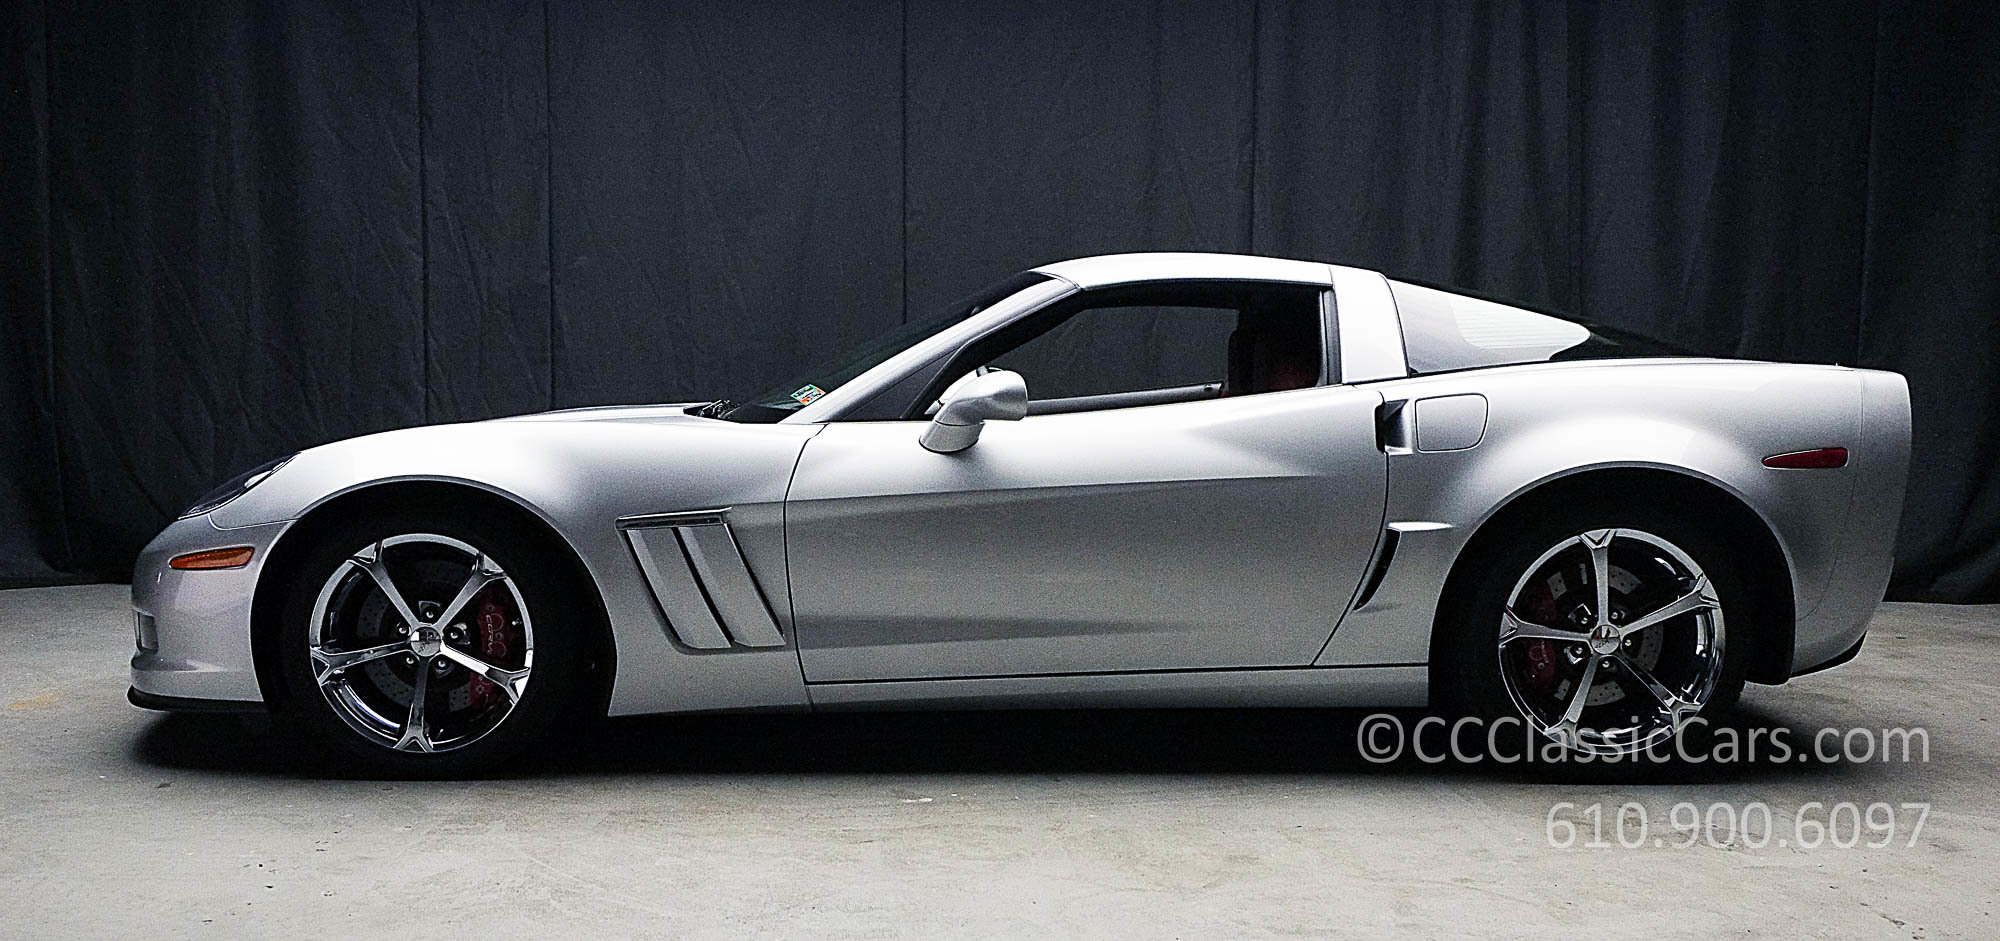 2012-Corvette-Grand-Sport-7365.jpg